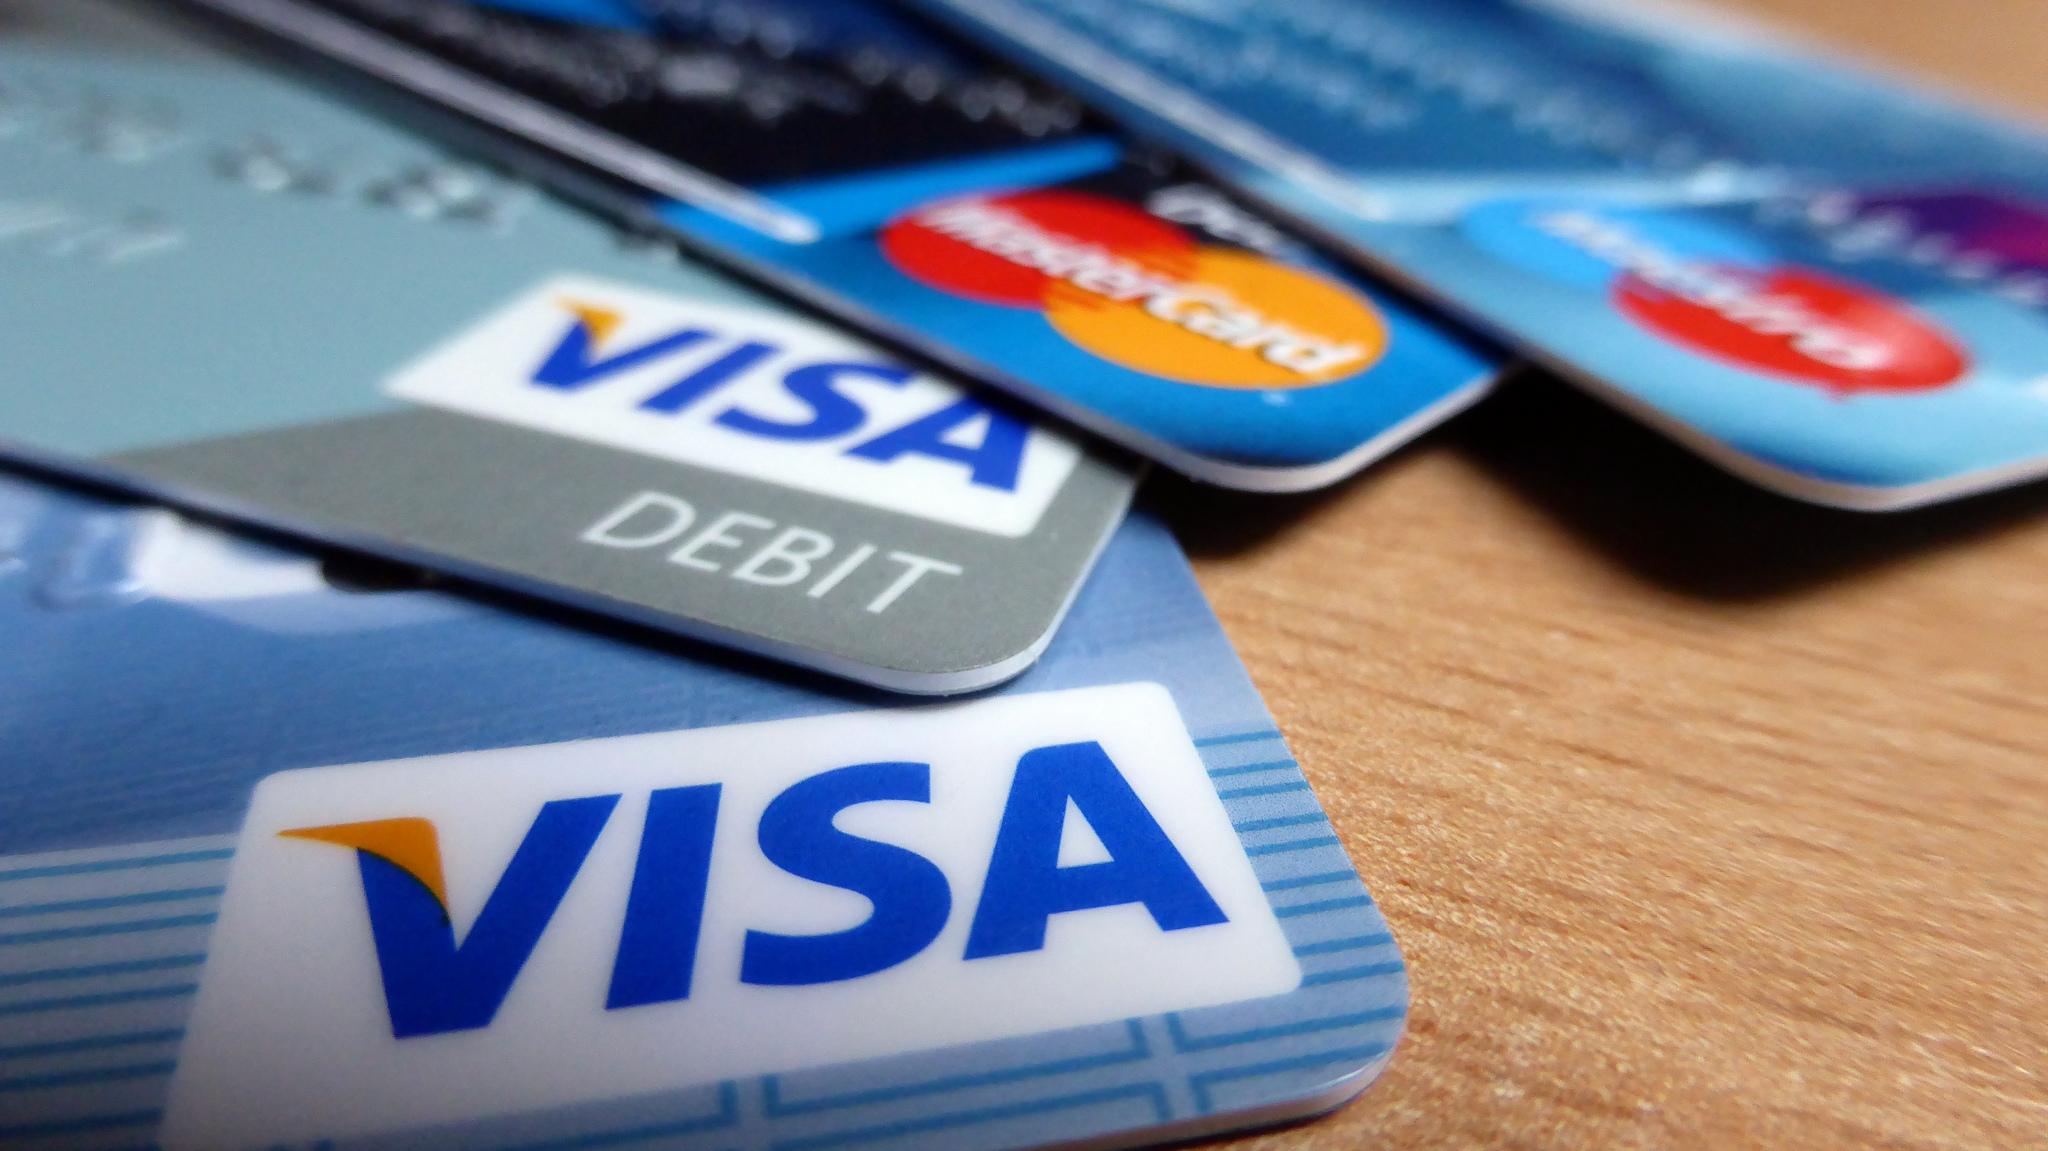 dark web credit card fraud scam